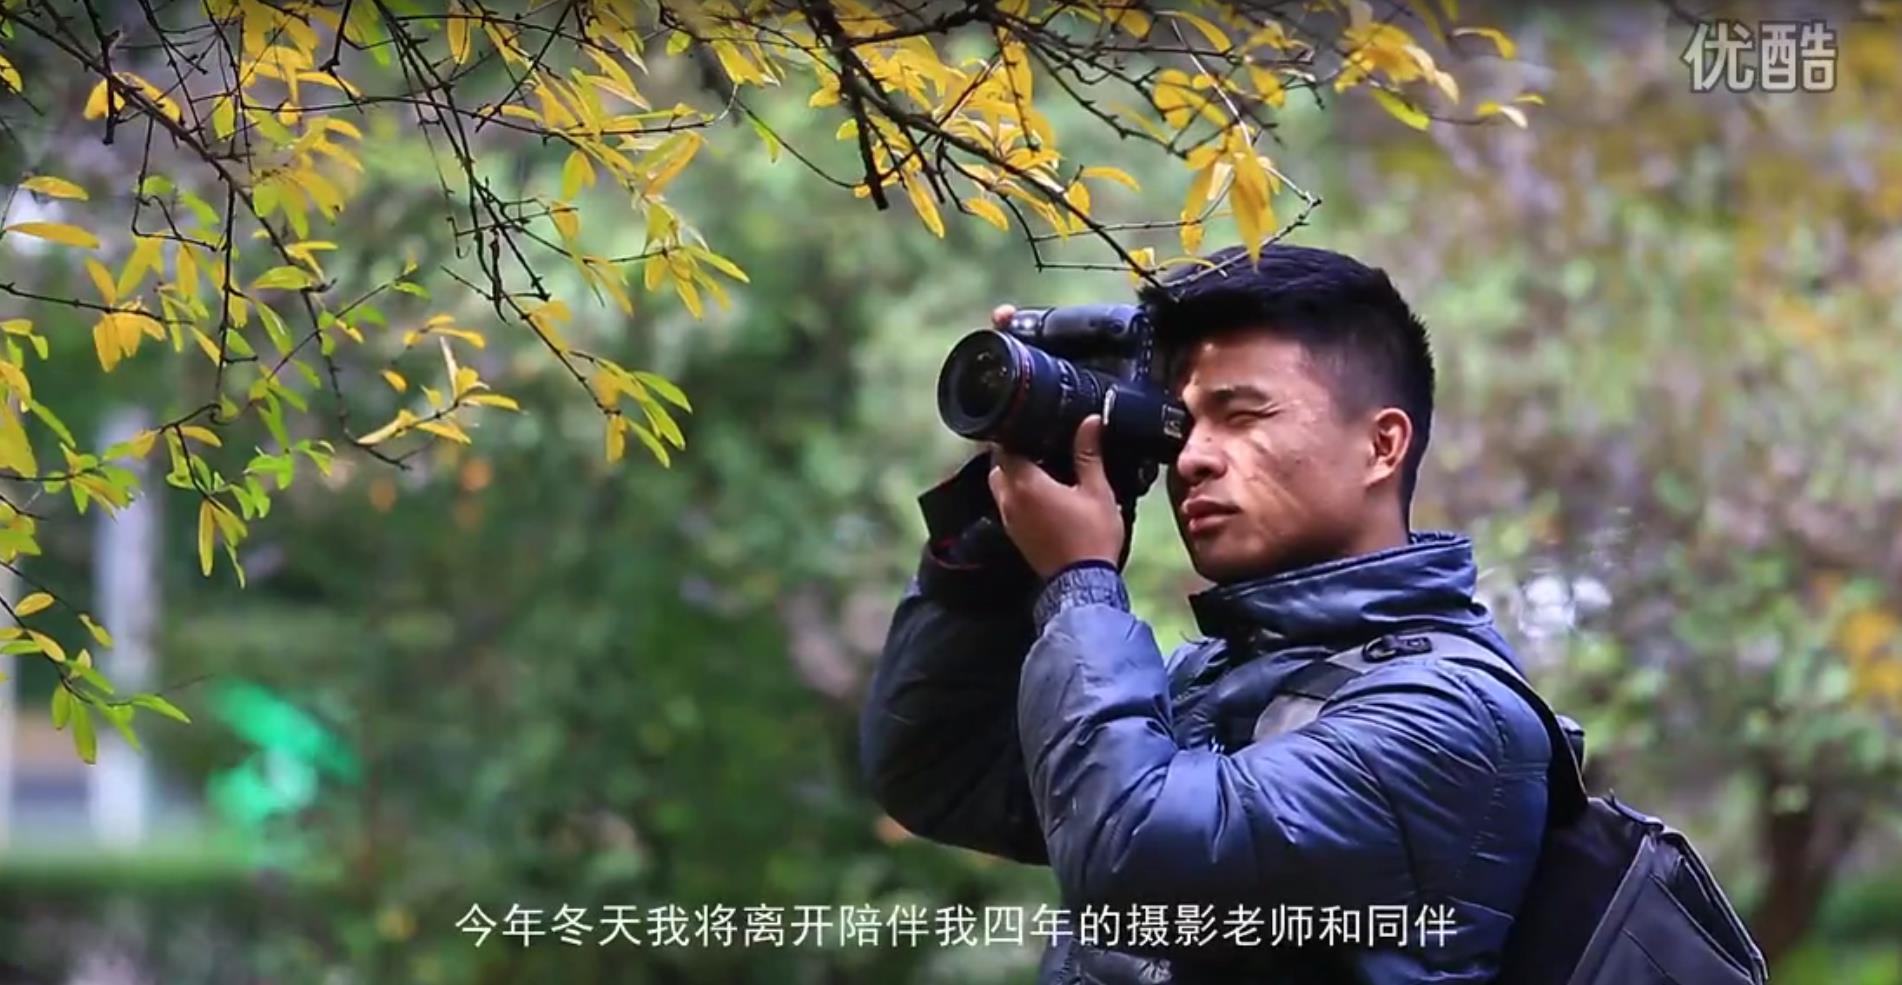 脚印—李修至摄影生活回顾